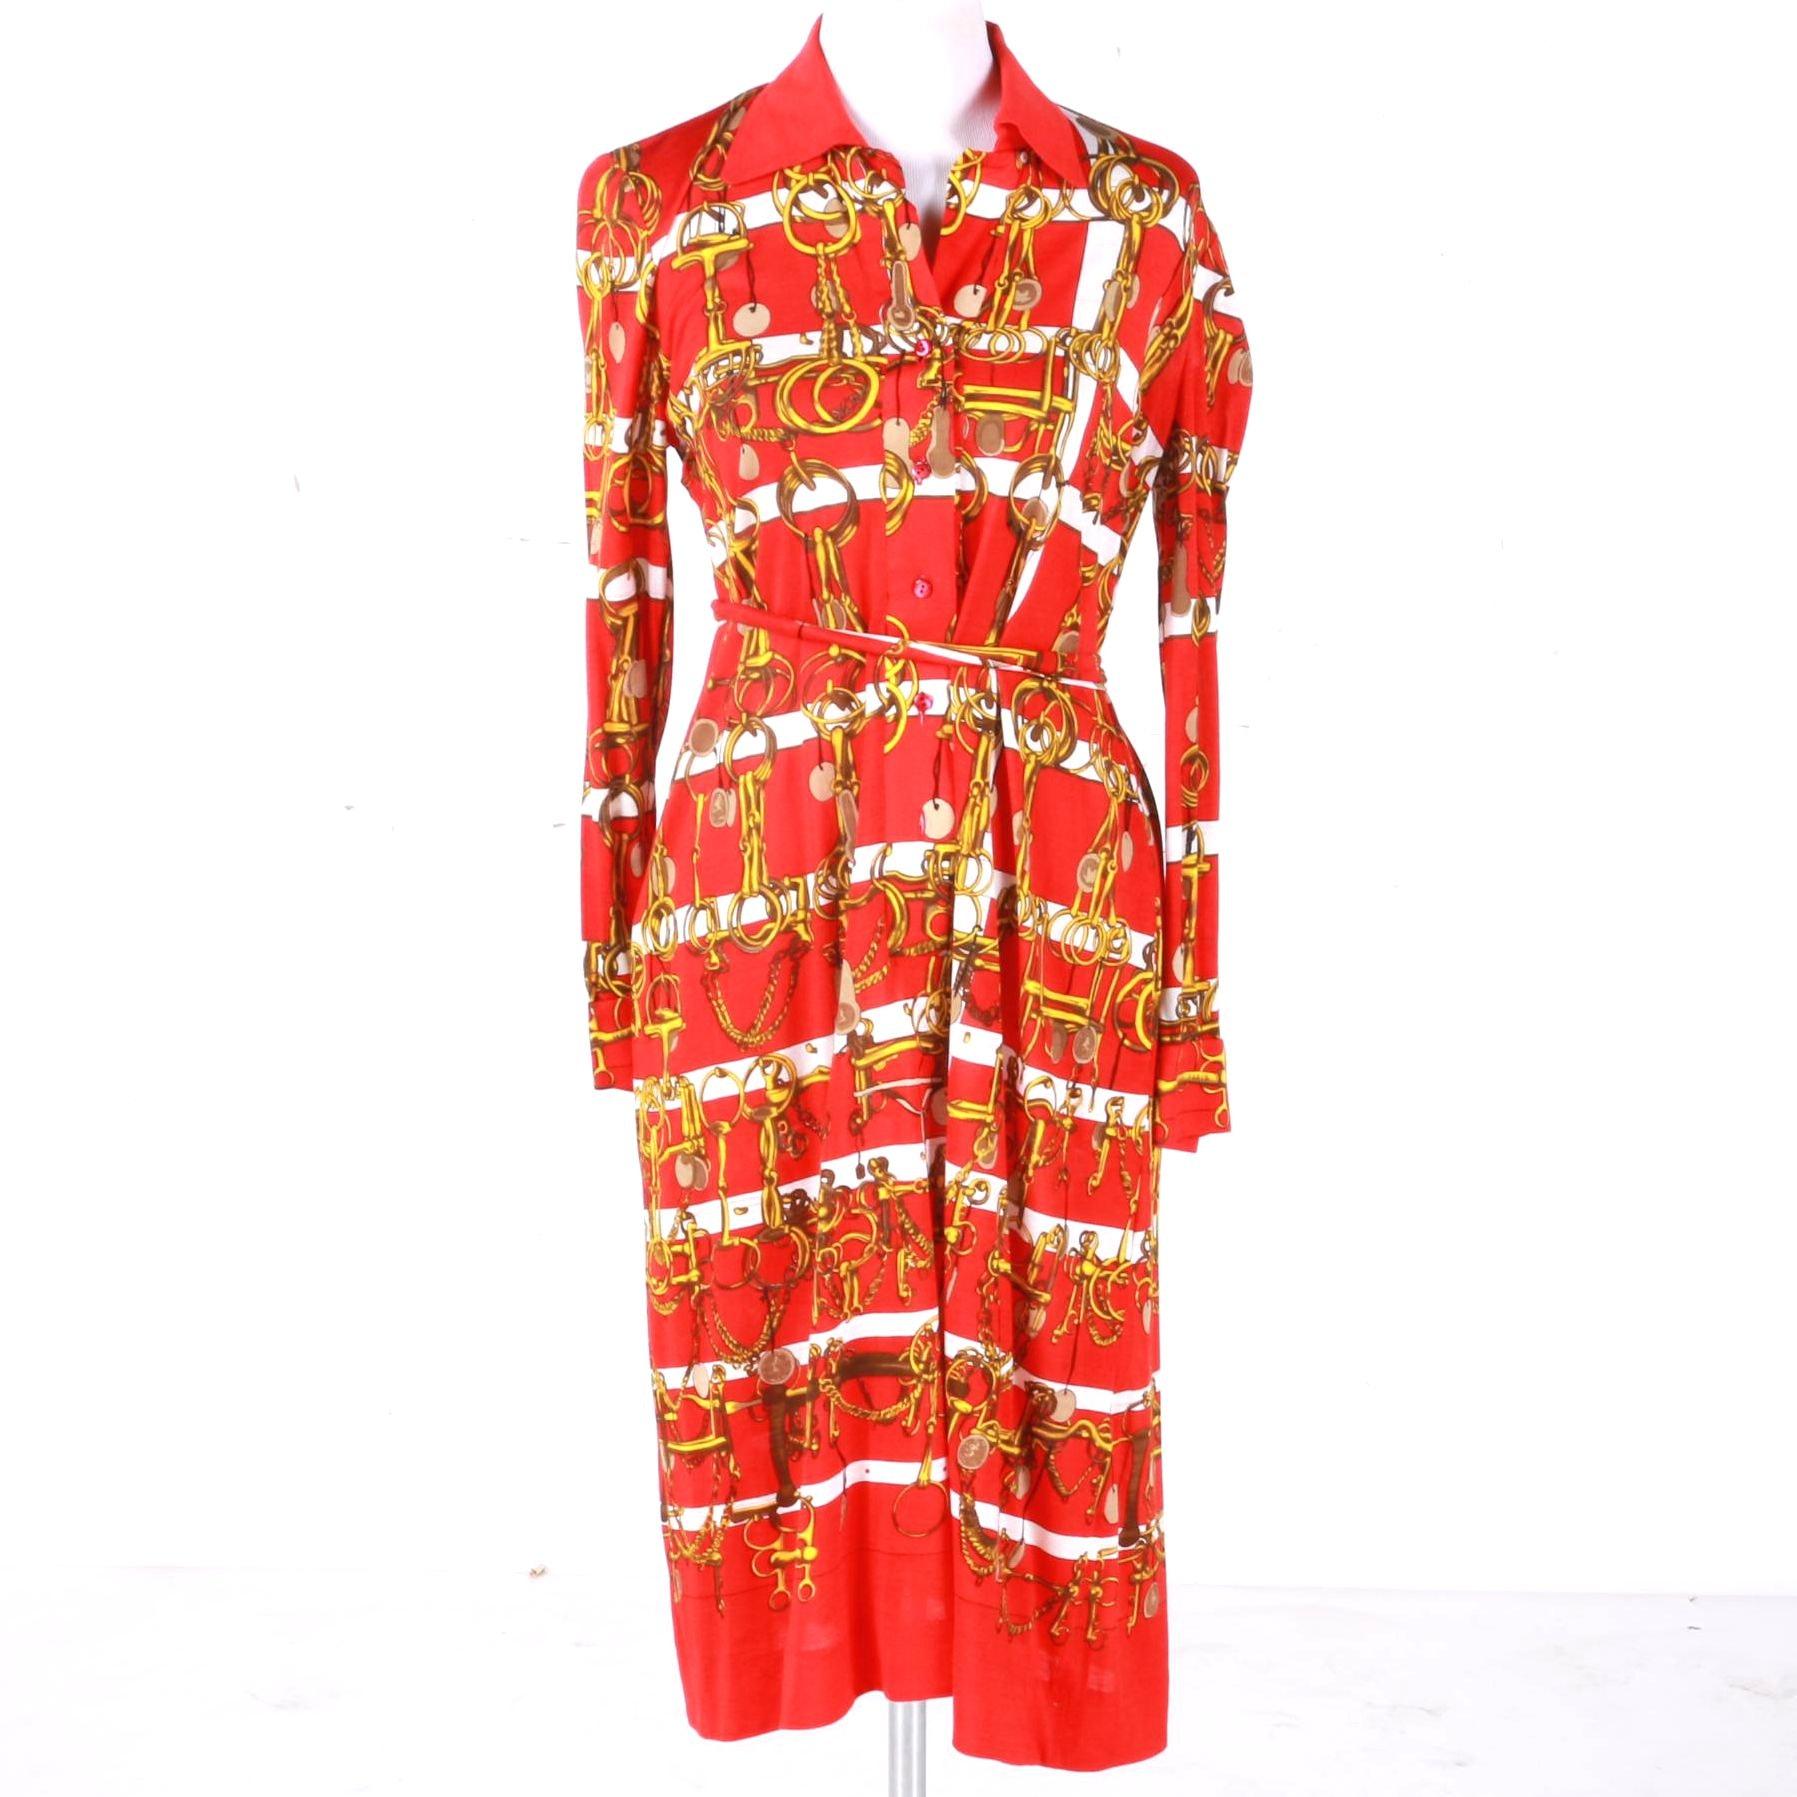 Hermès Equestrian Shirt Dress